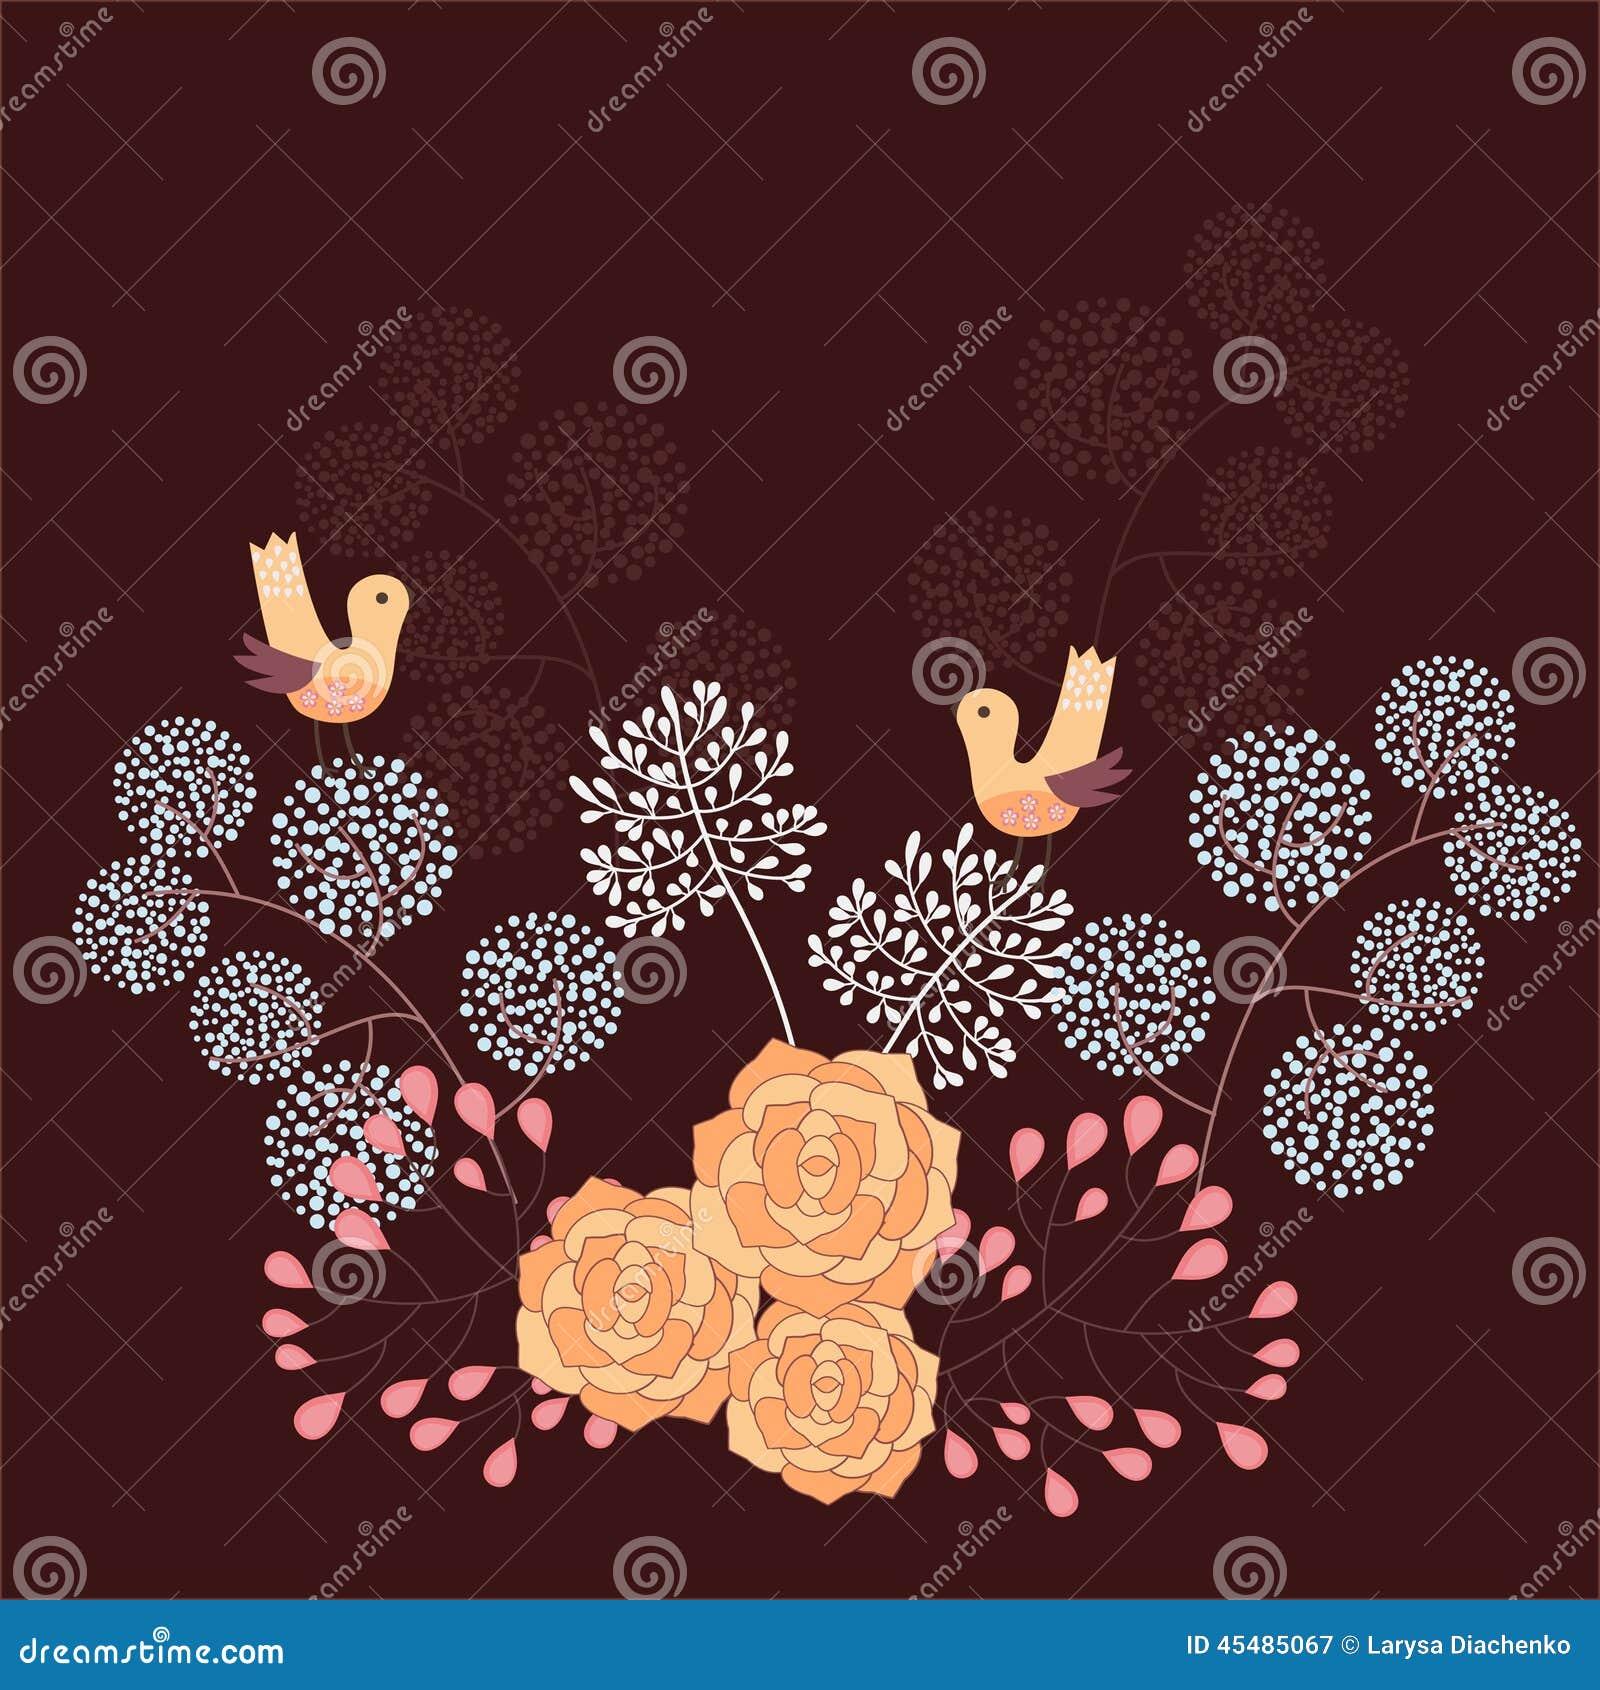 背景细部图花卉向量